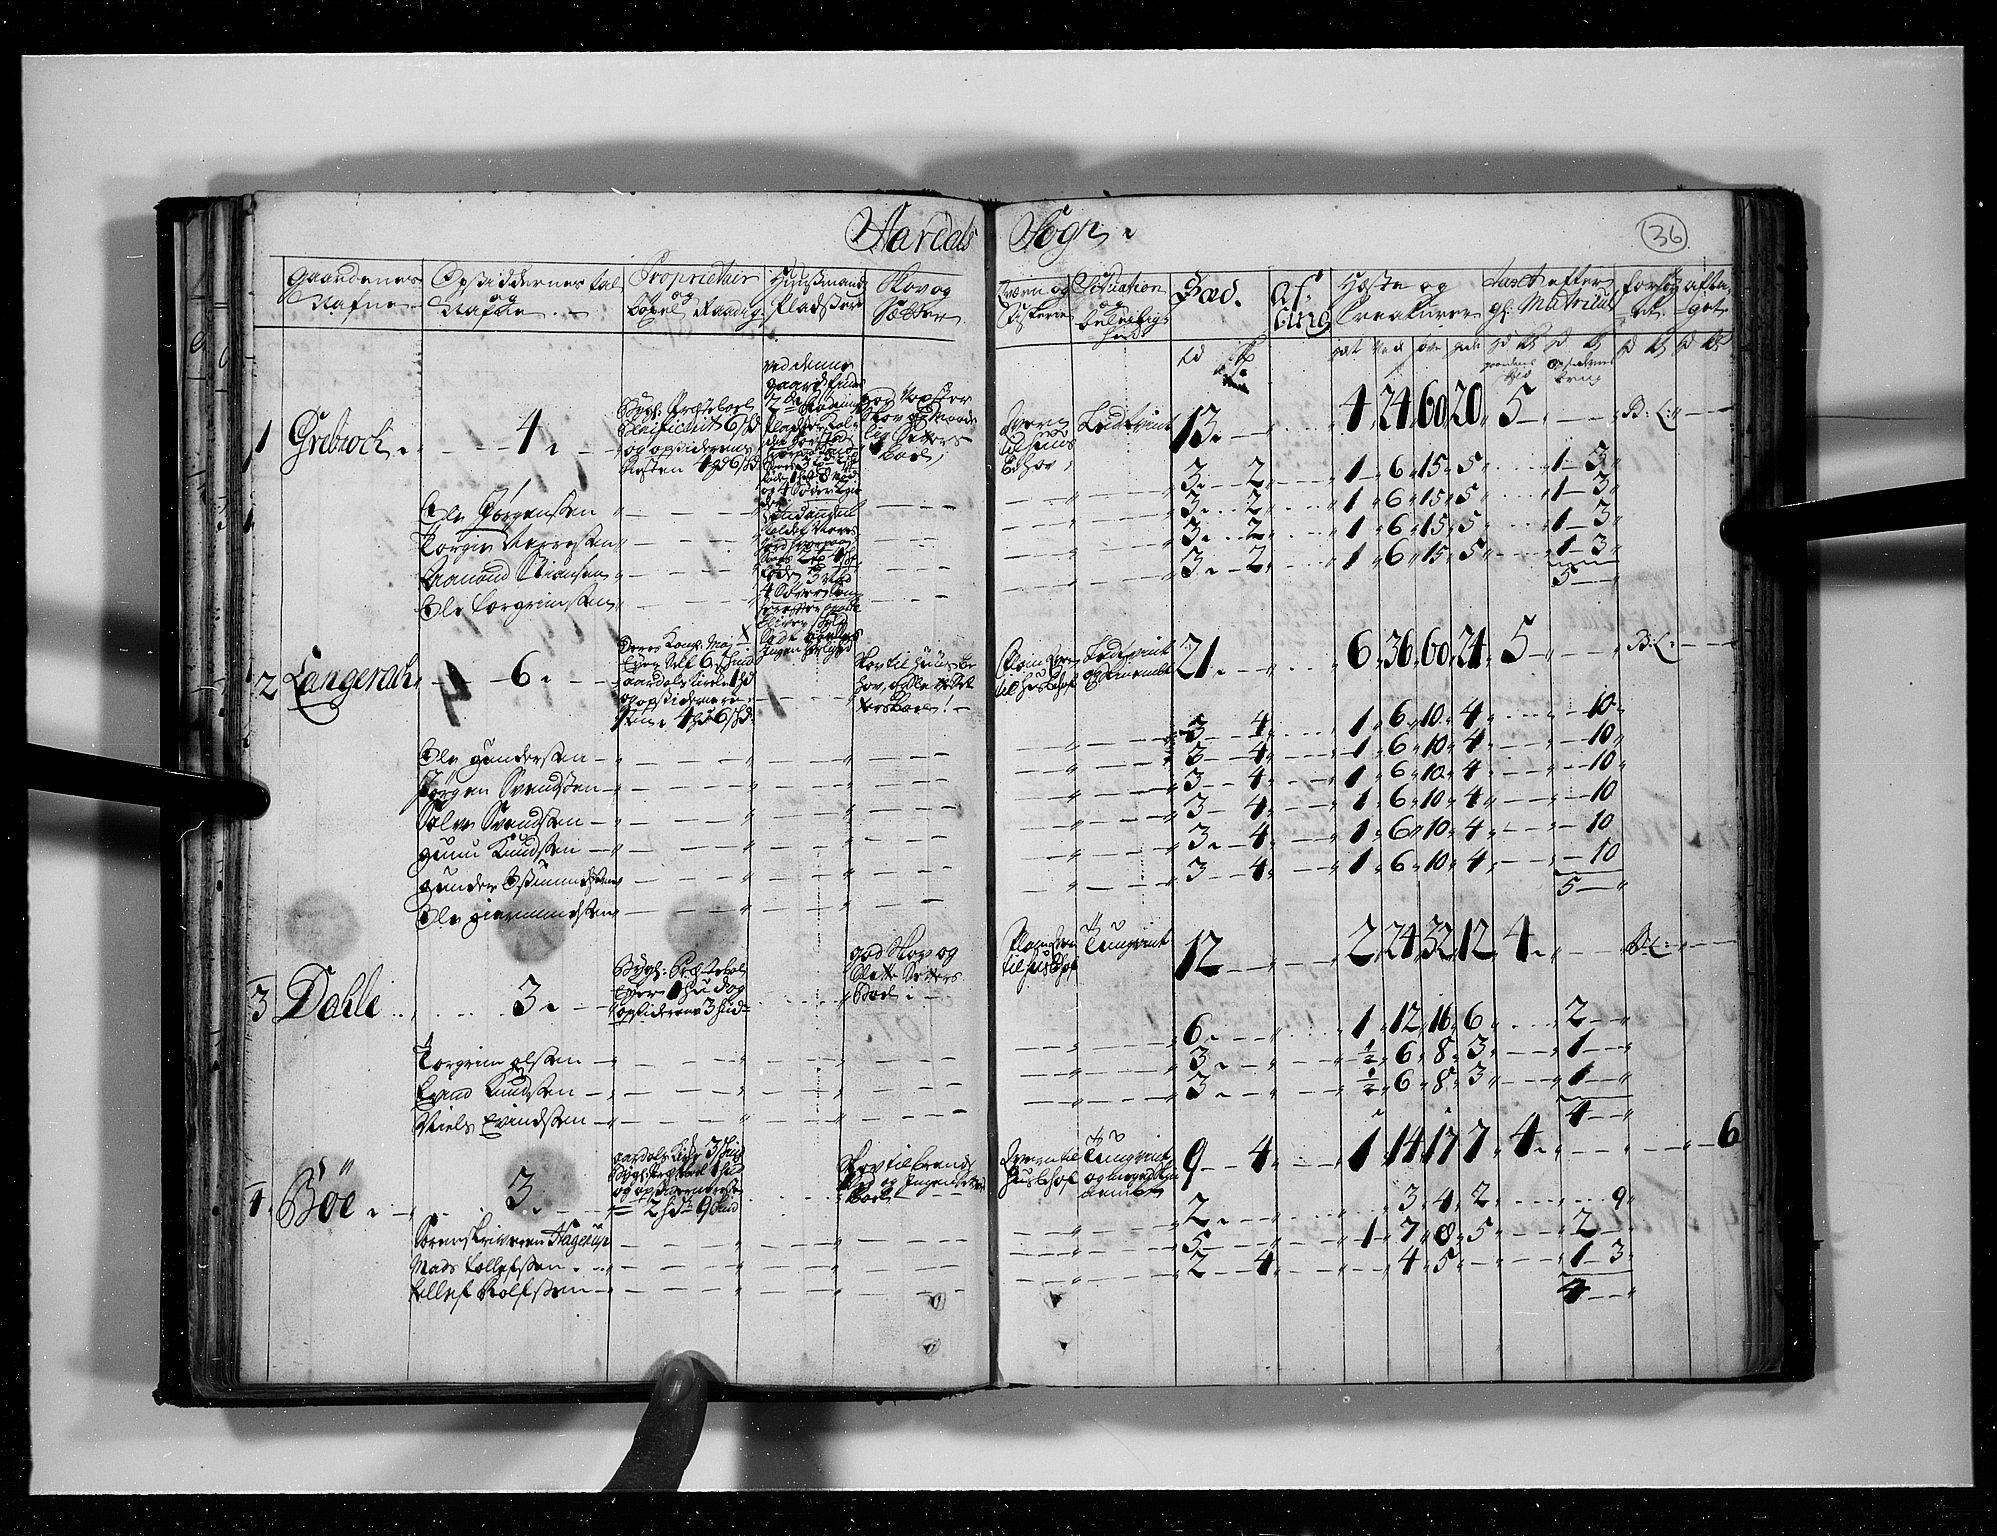 RA, Rentekammeret inntil 1814, Realistisk ordnet avdeling, N/Nb/Nbf/L0125: Råbyggelag eksaminasjonsprotokoll, 1723, s. 35b-36a